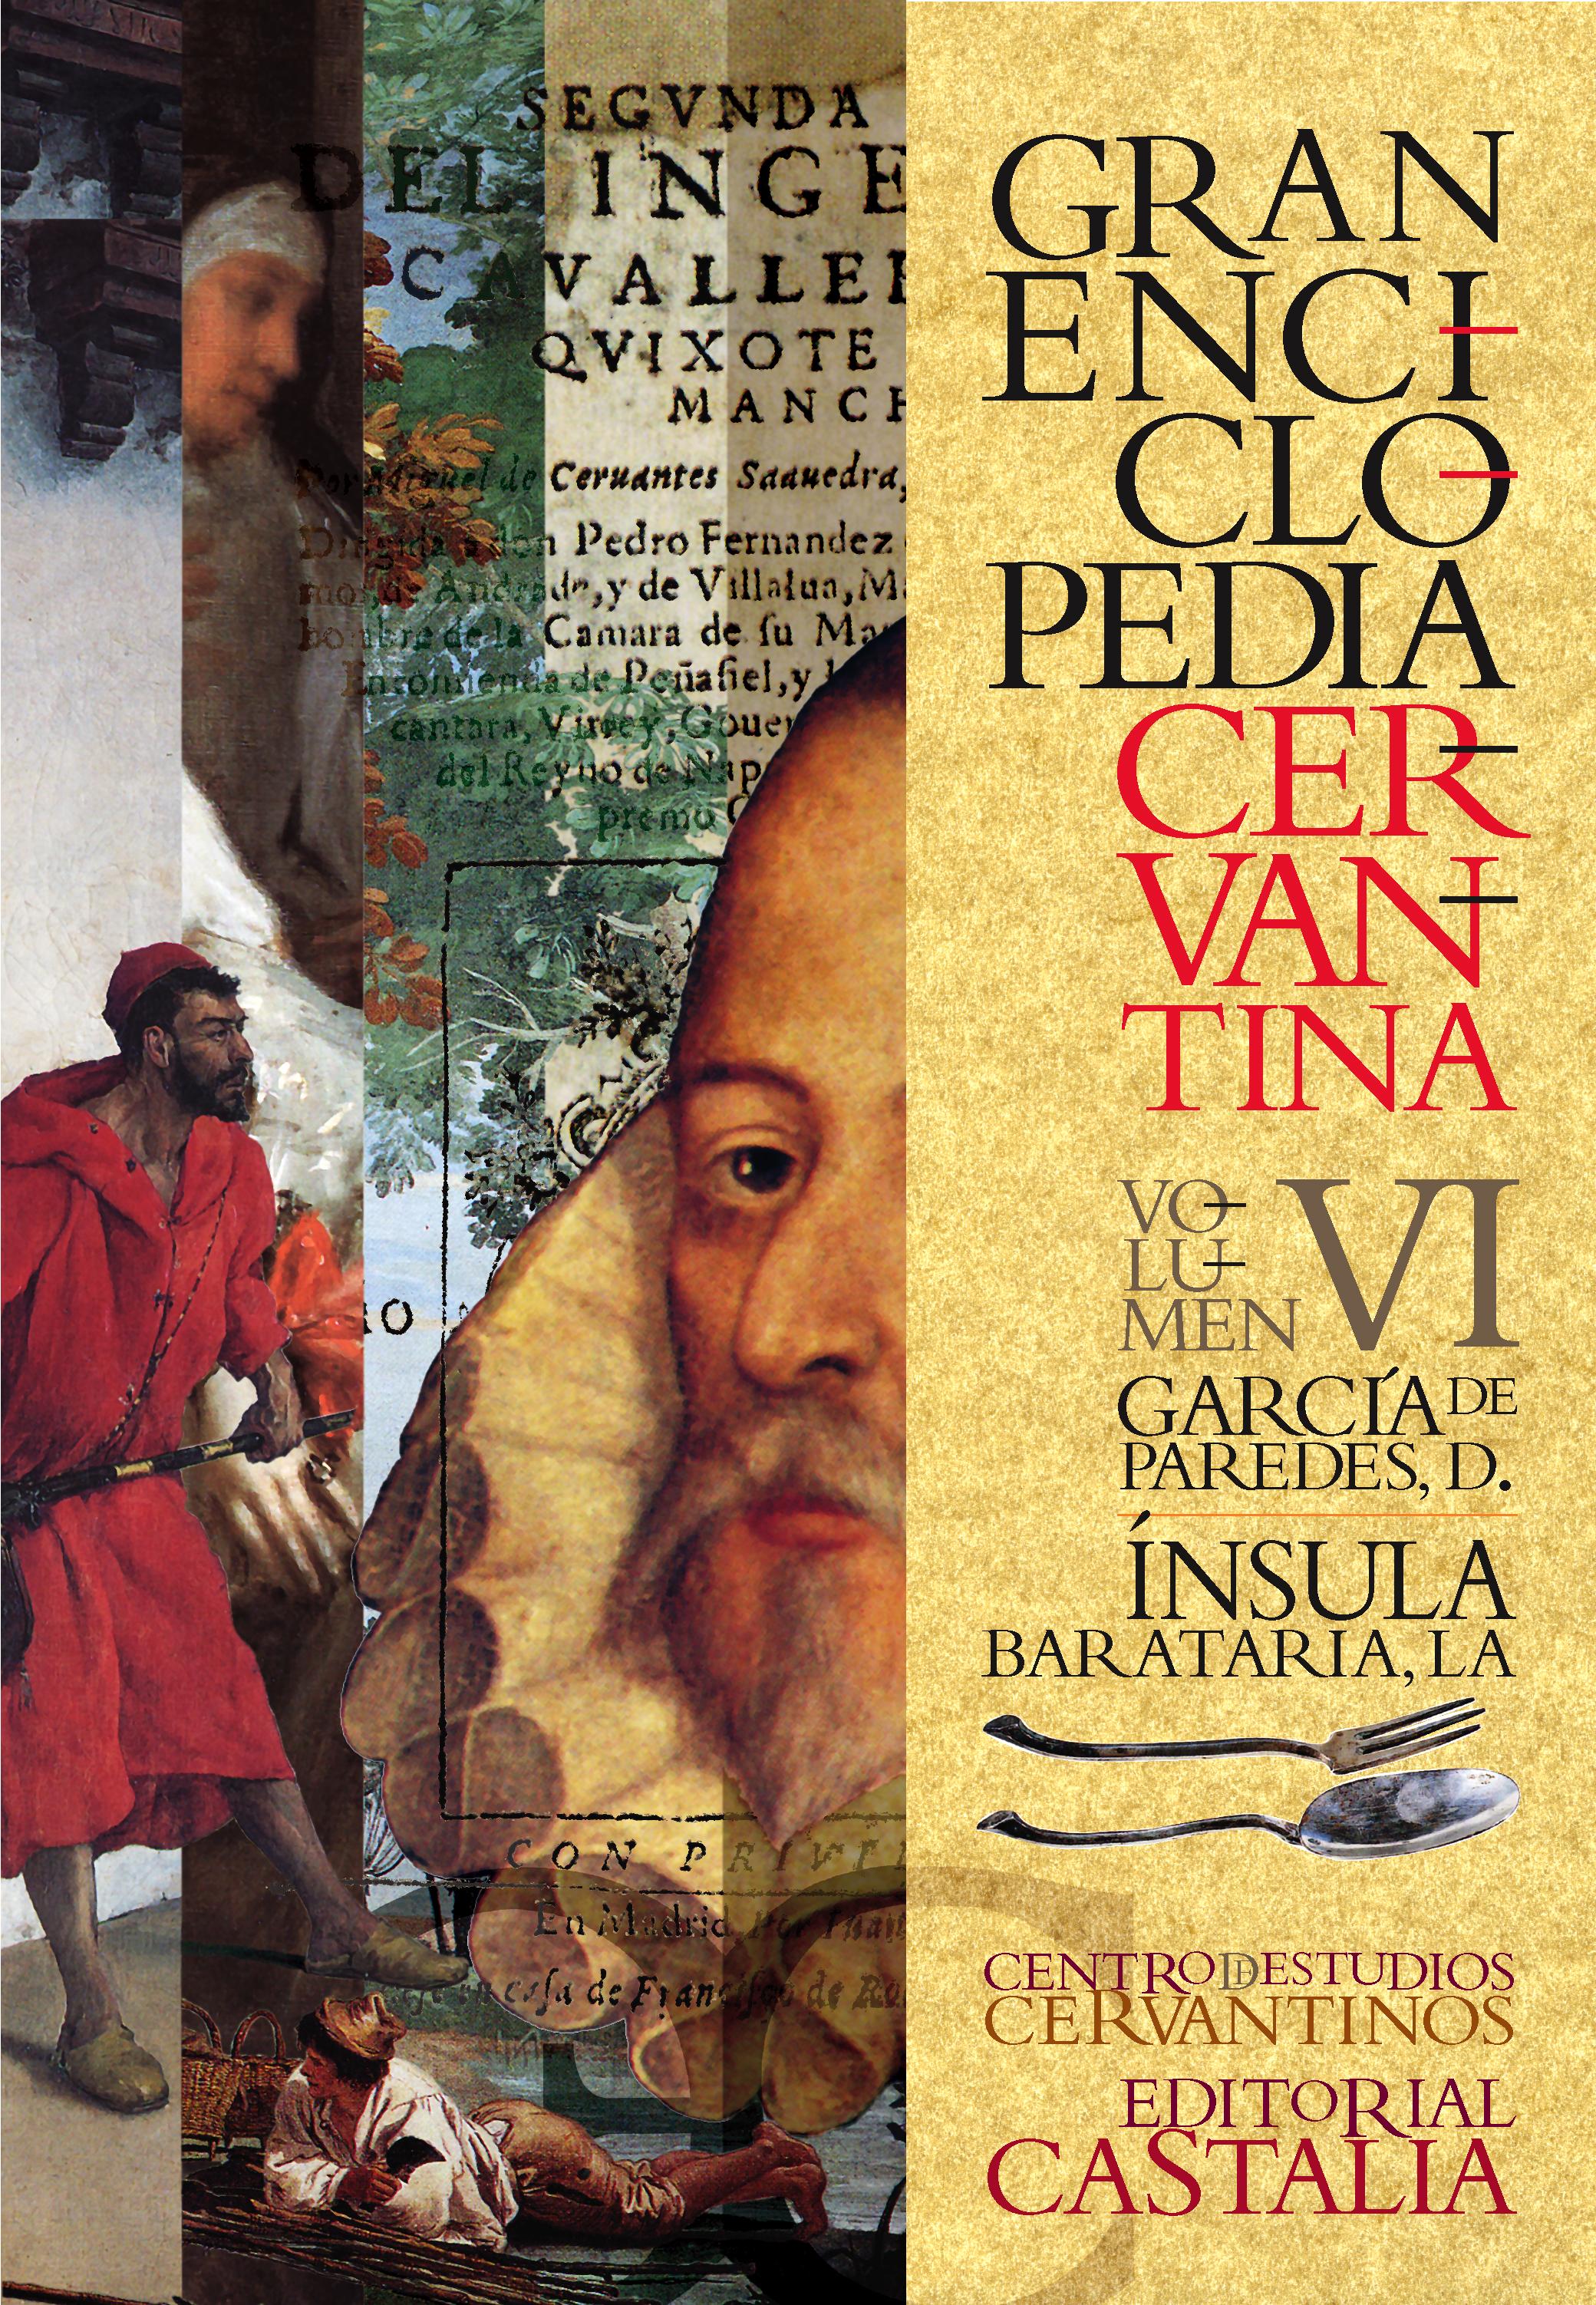 Gran Enciclopedia Cervantina. Volumen VI. Diego García Paredes. La ínsula barataria